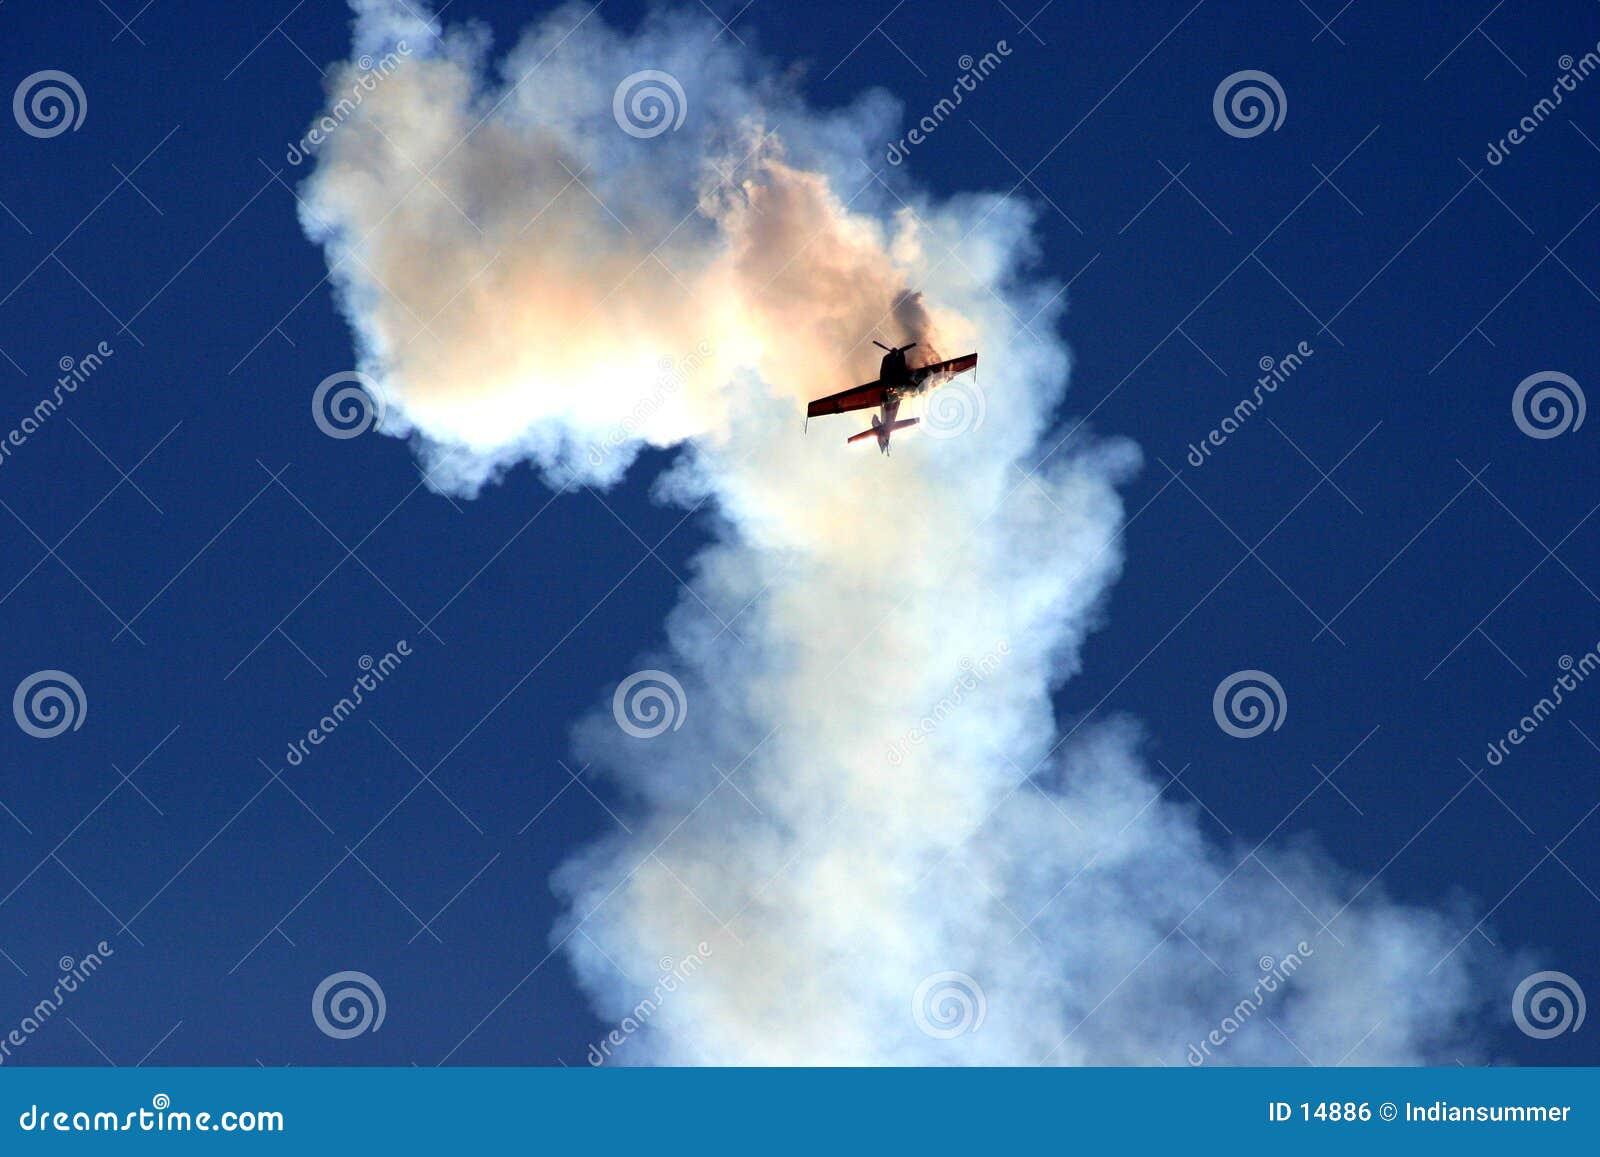 Flugzeug in der Wolke des Rauches